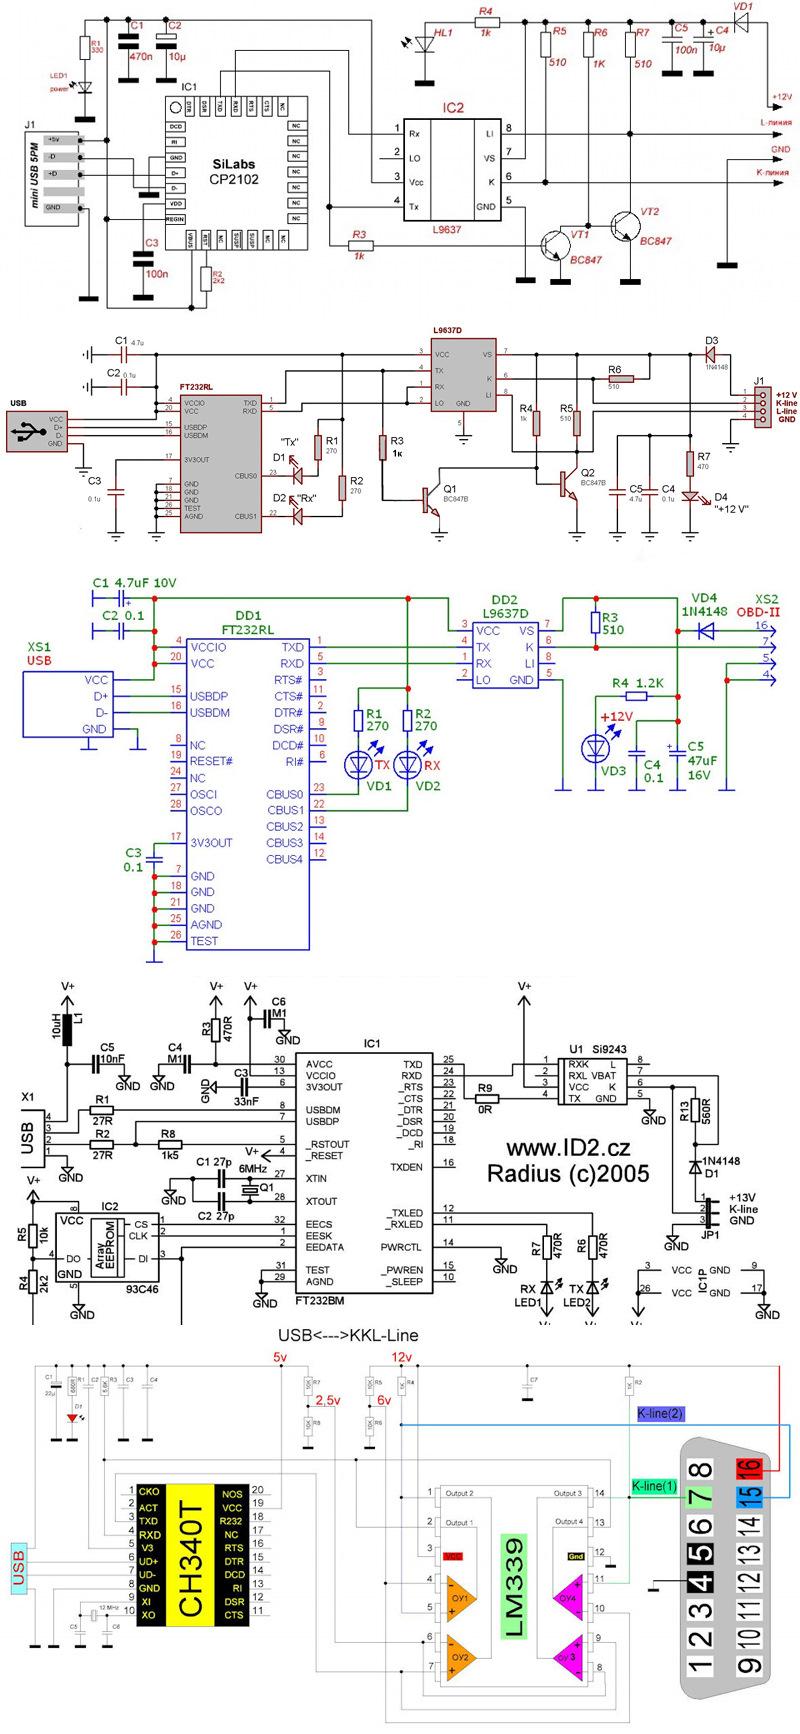 Схемы диагностических адаптеров KKL, VAG COM